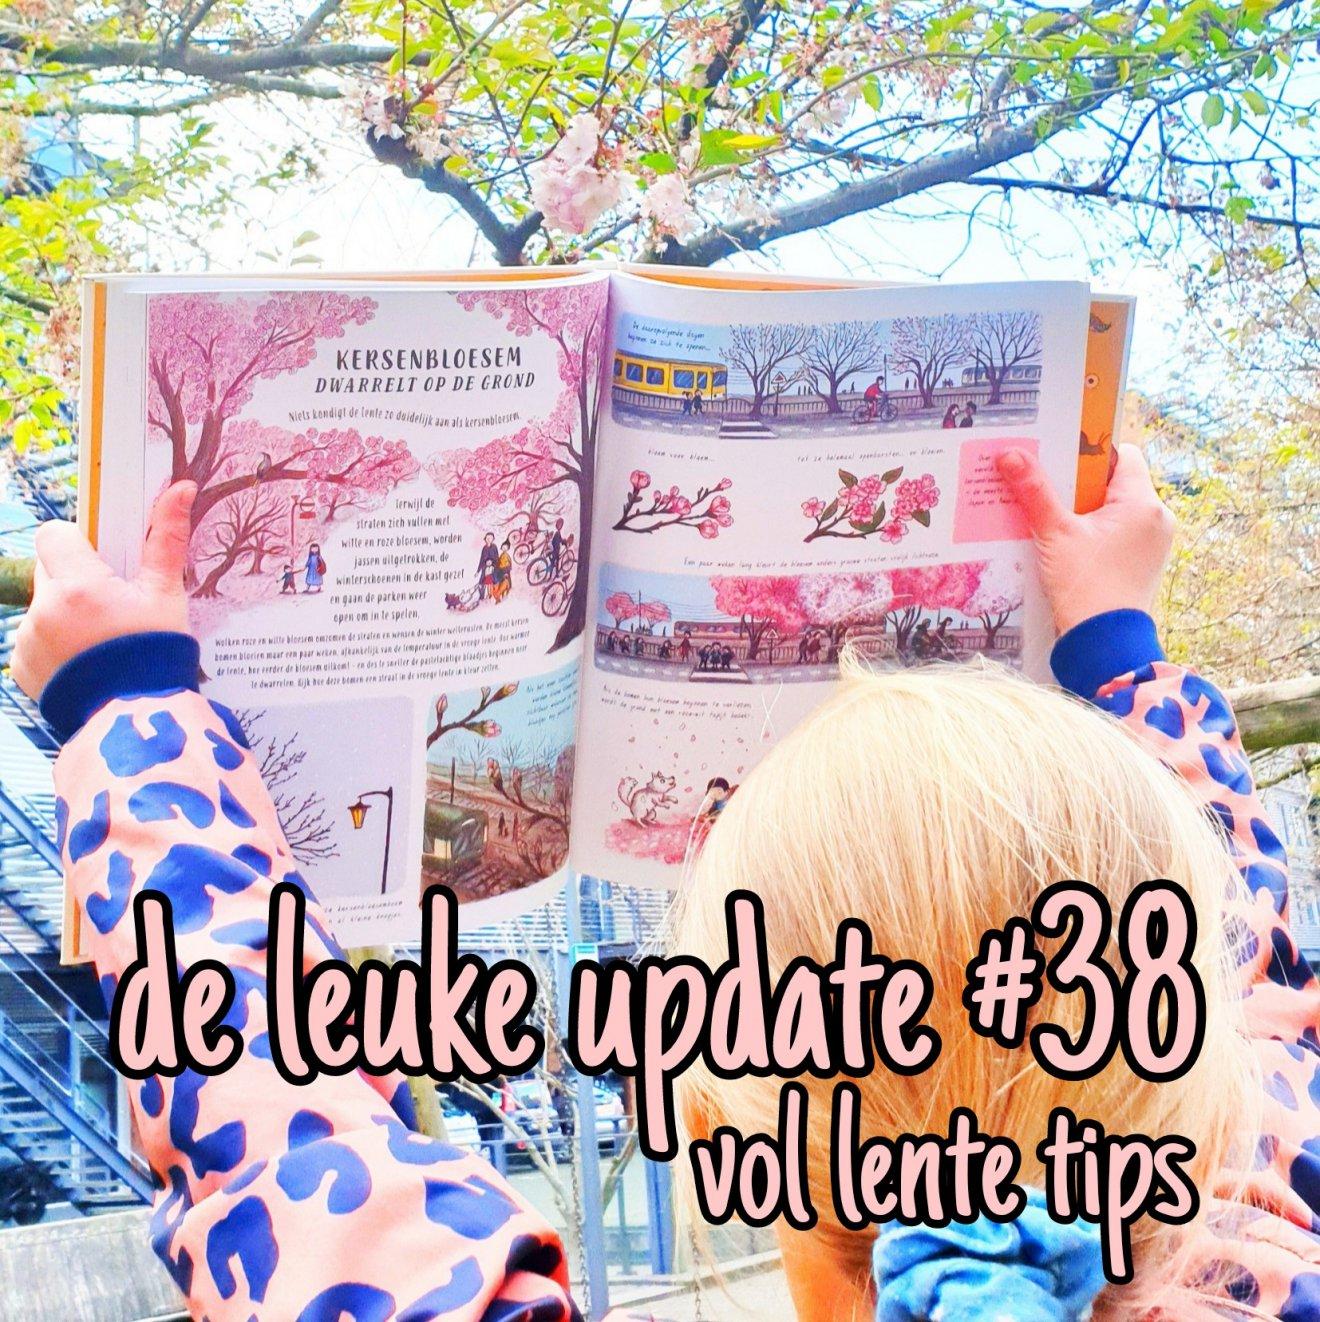 De Leuke Update #38 | nieuwtjes, ideeën, musthaves en uitjes voor kids | vol lente tips en kindvriendelijke buiten uitjes